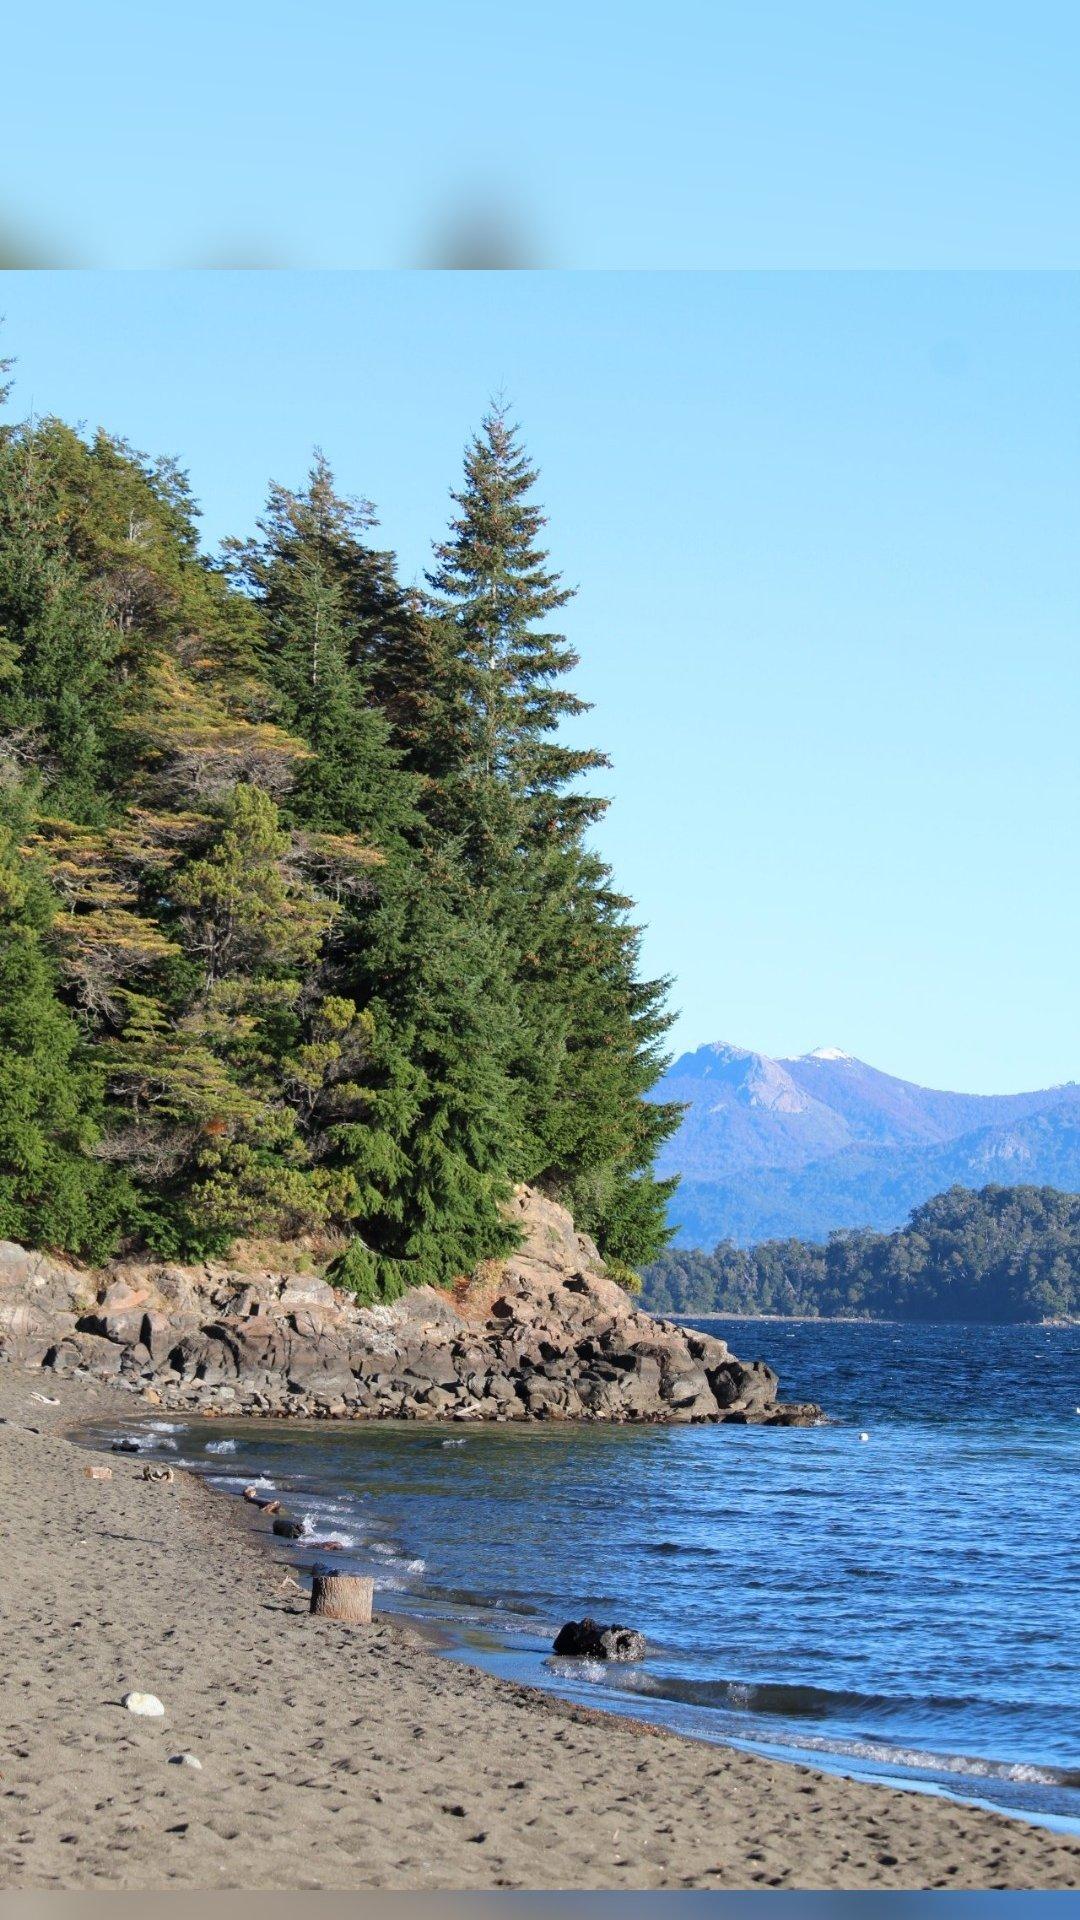 Bahía y península Manzano, Neuquén, Patagonia, Argentina